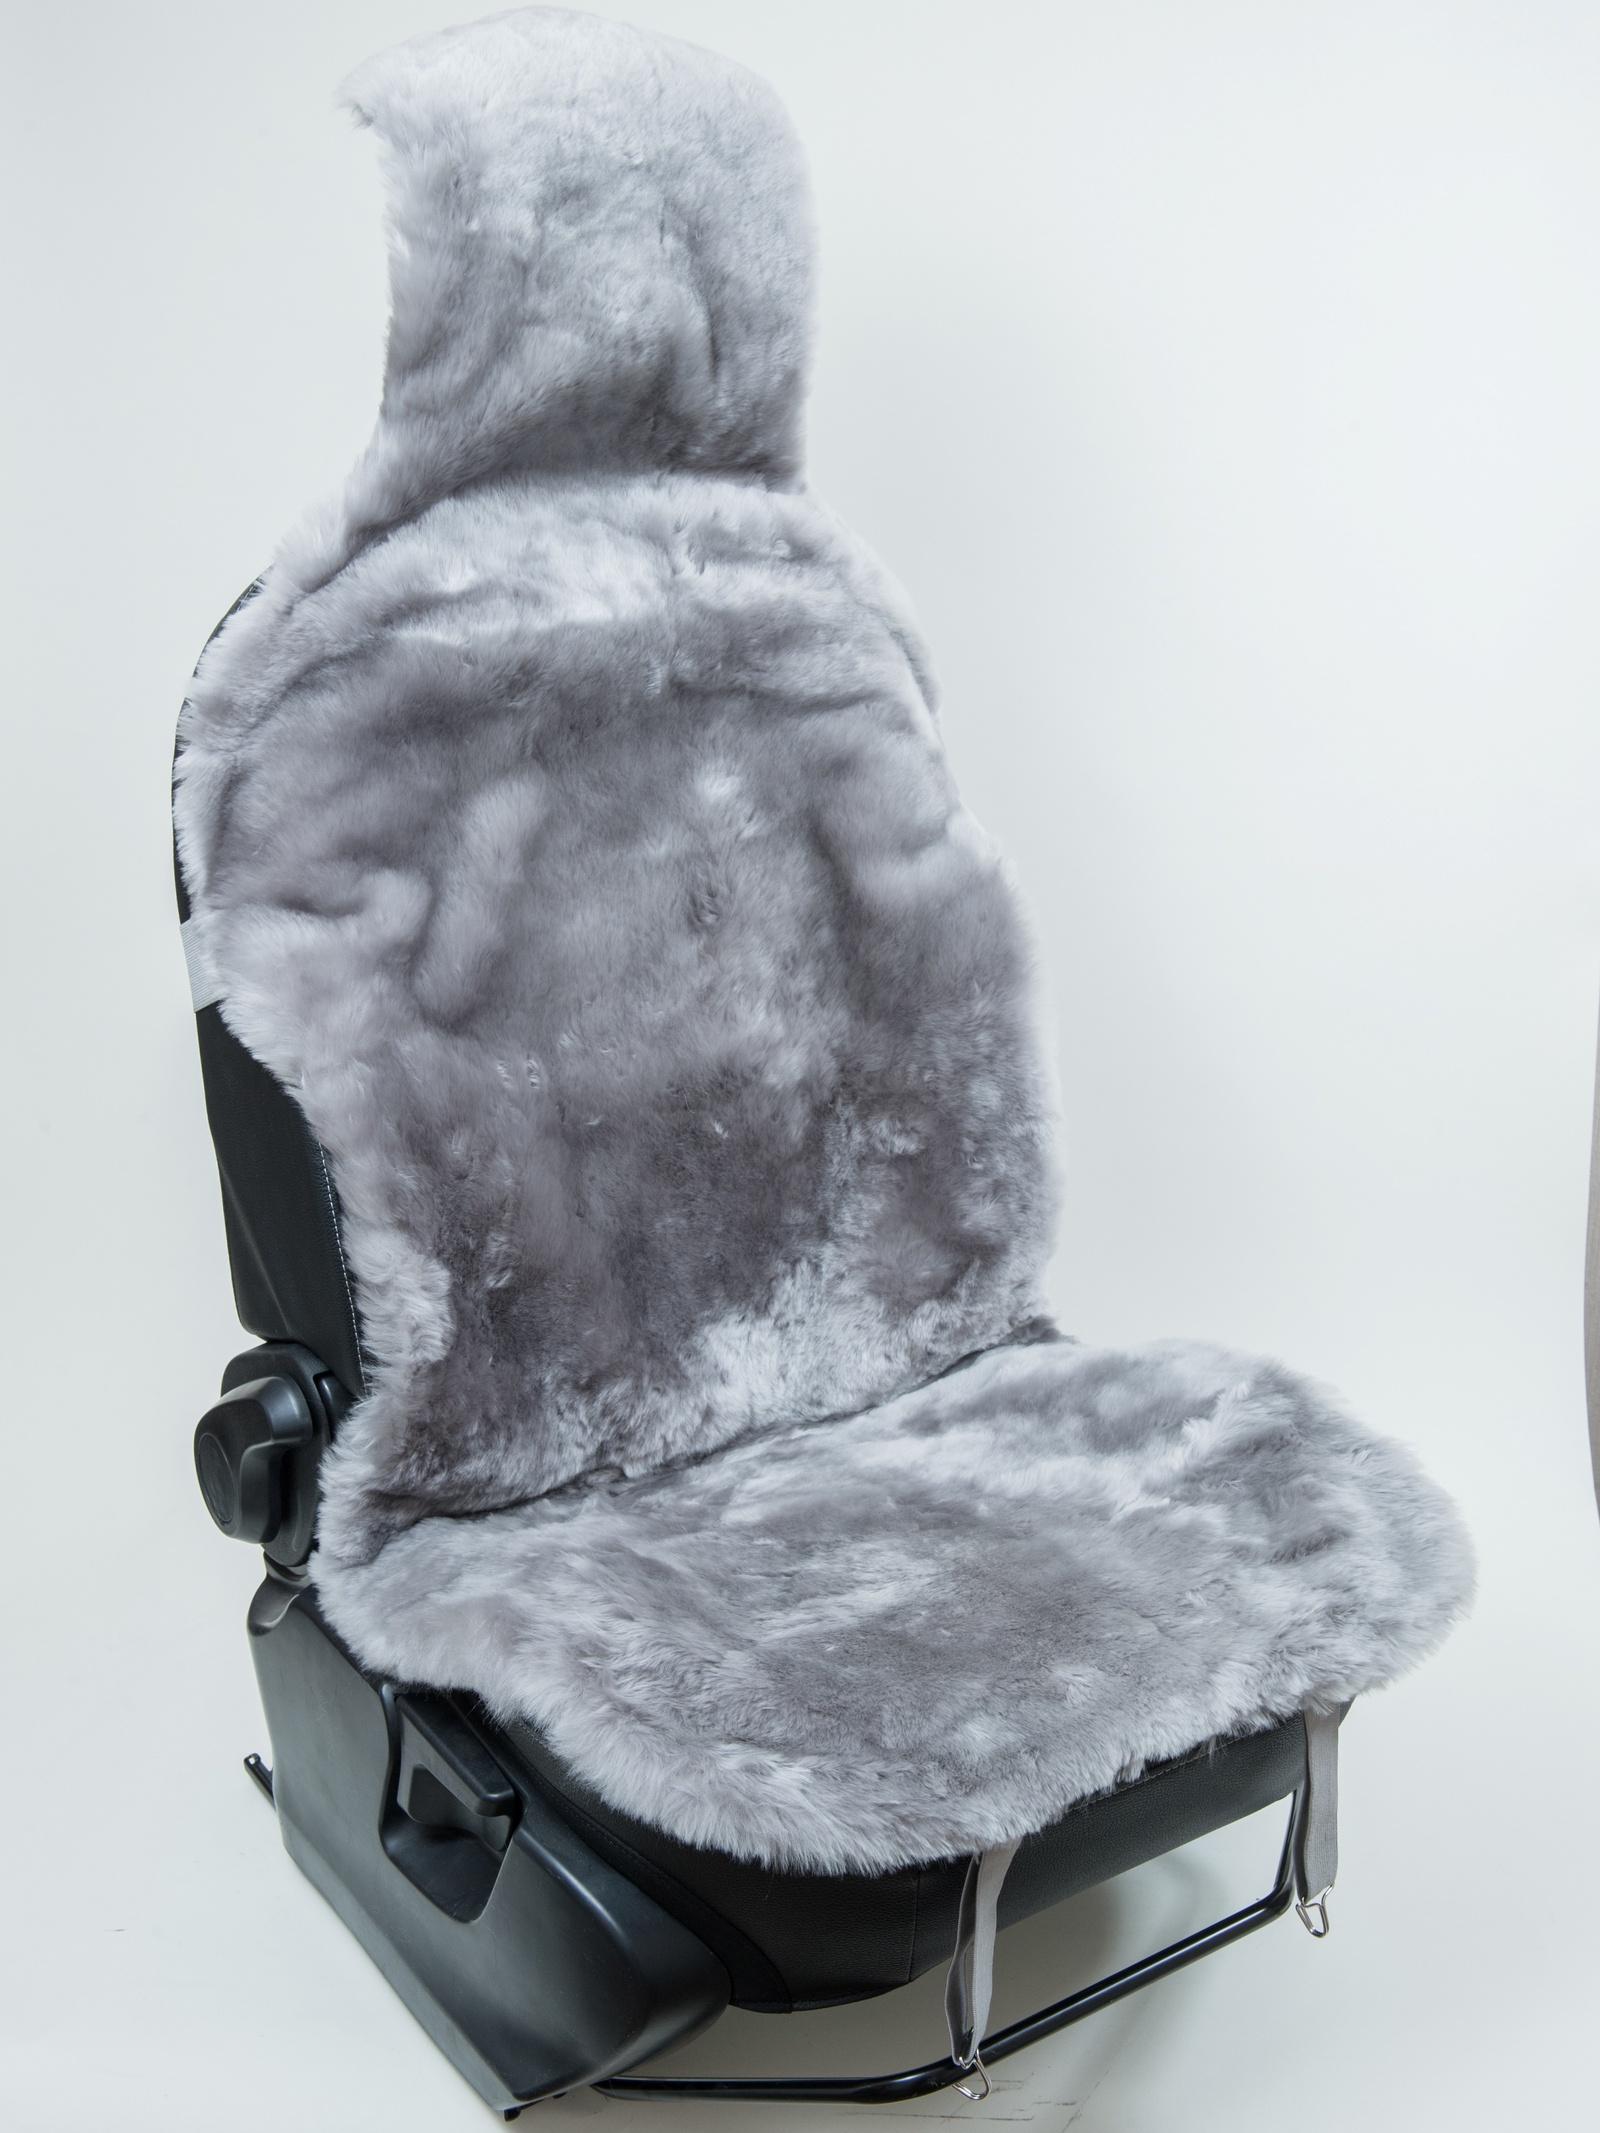 Накидка на сиденье OVINOS Накидка из мутона, цвет серый, серый накидка защитная для животных avtoporyadok на переднее сиденье с карманом цвет серый 120 х 49 см